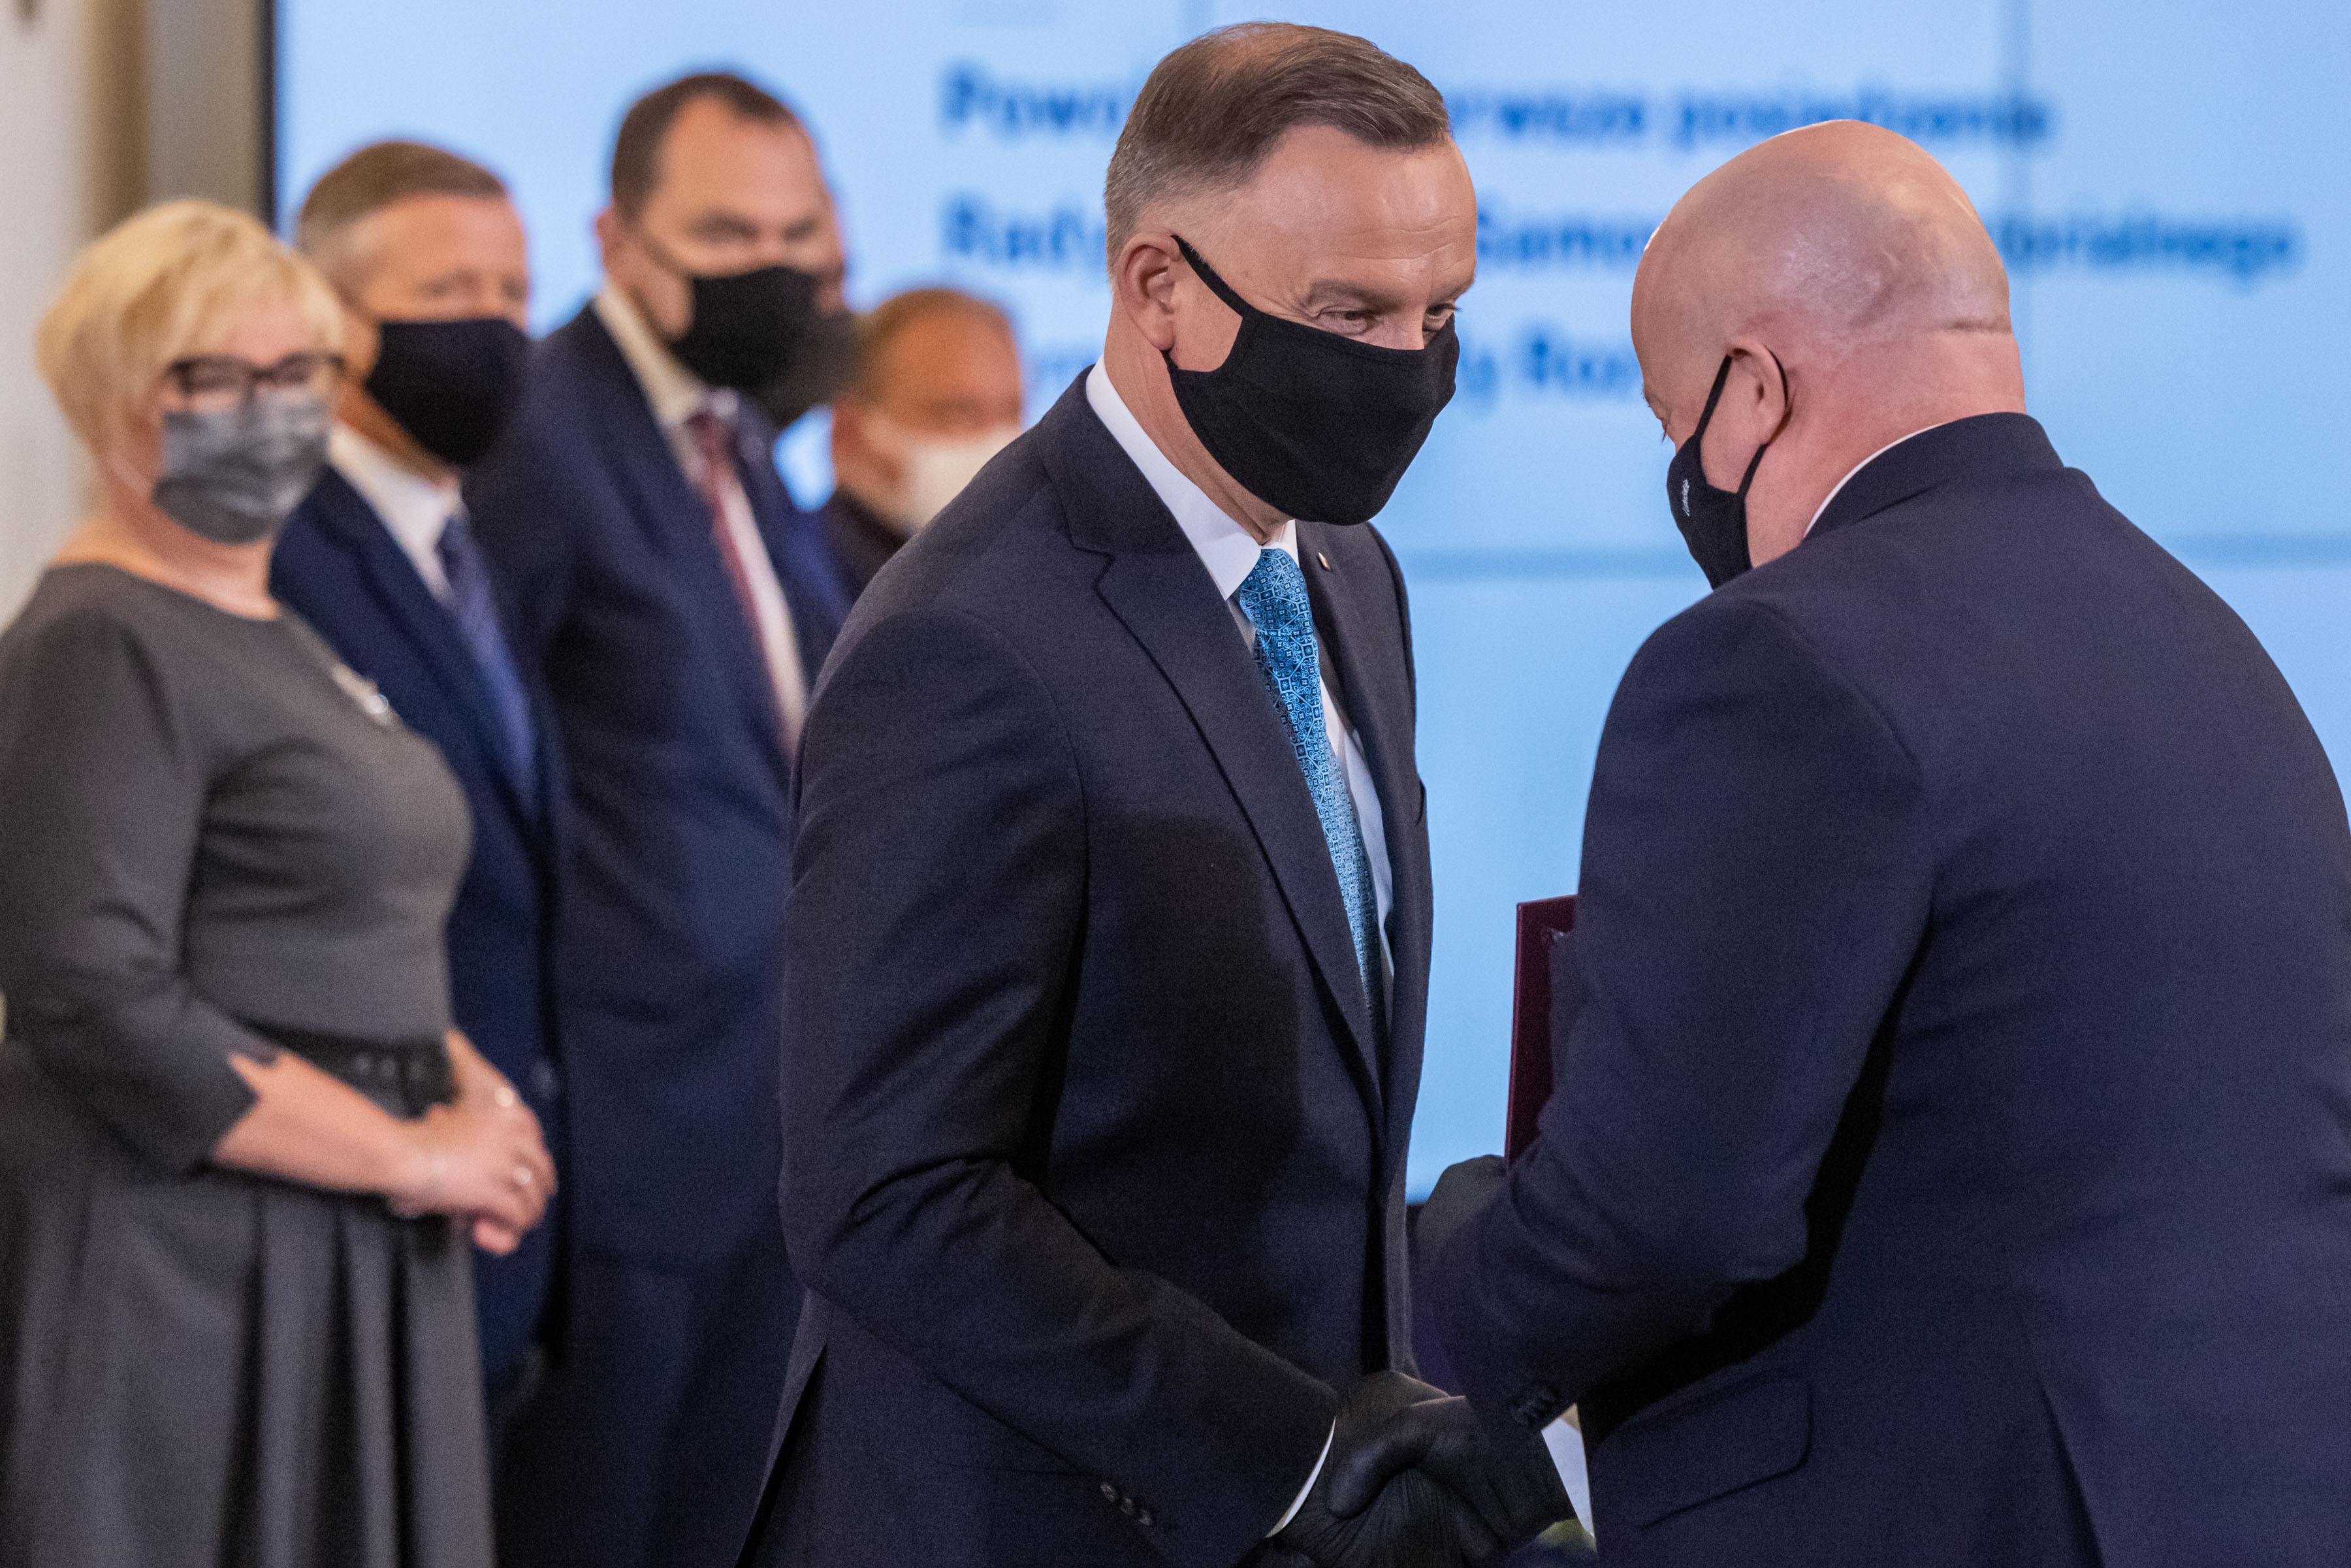 Województwo lubelskie: marszałek Jarosław Stawiarski przewodniczącym Rady ds. Samorządu Terytorialnego - Zdjęcie główne